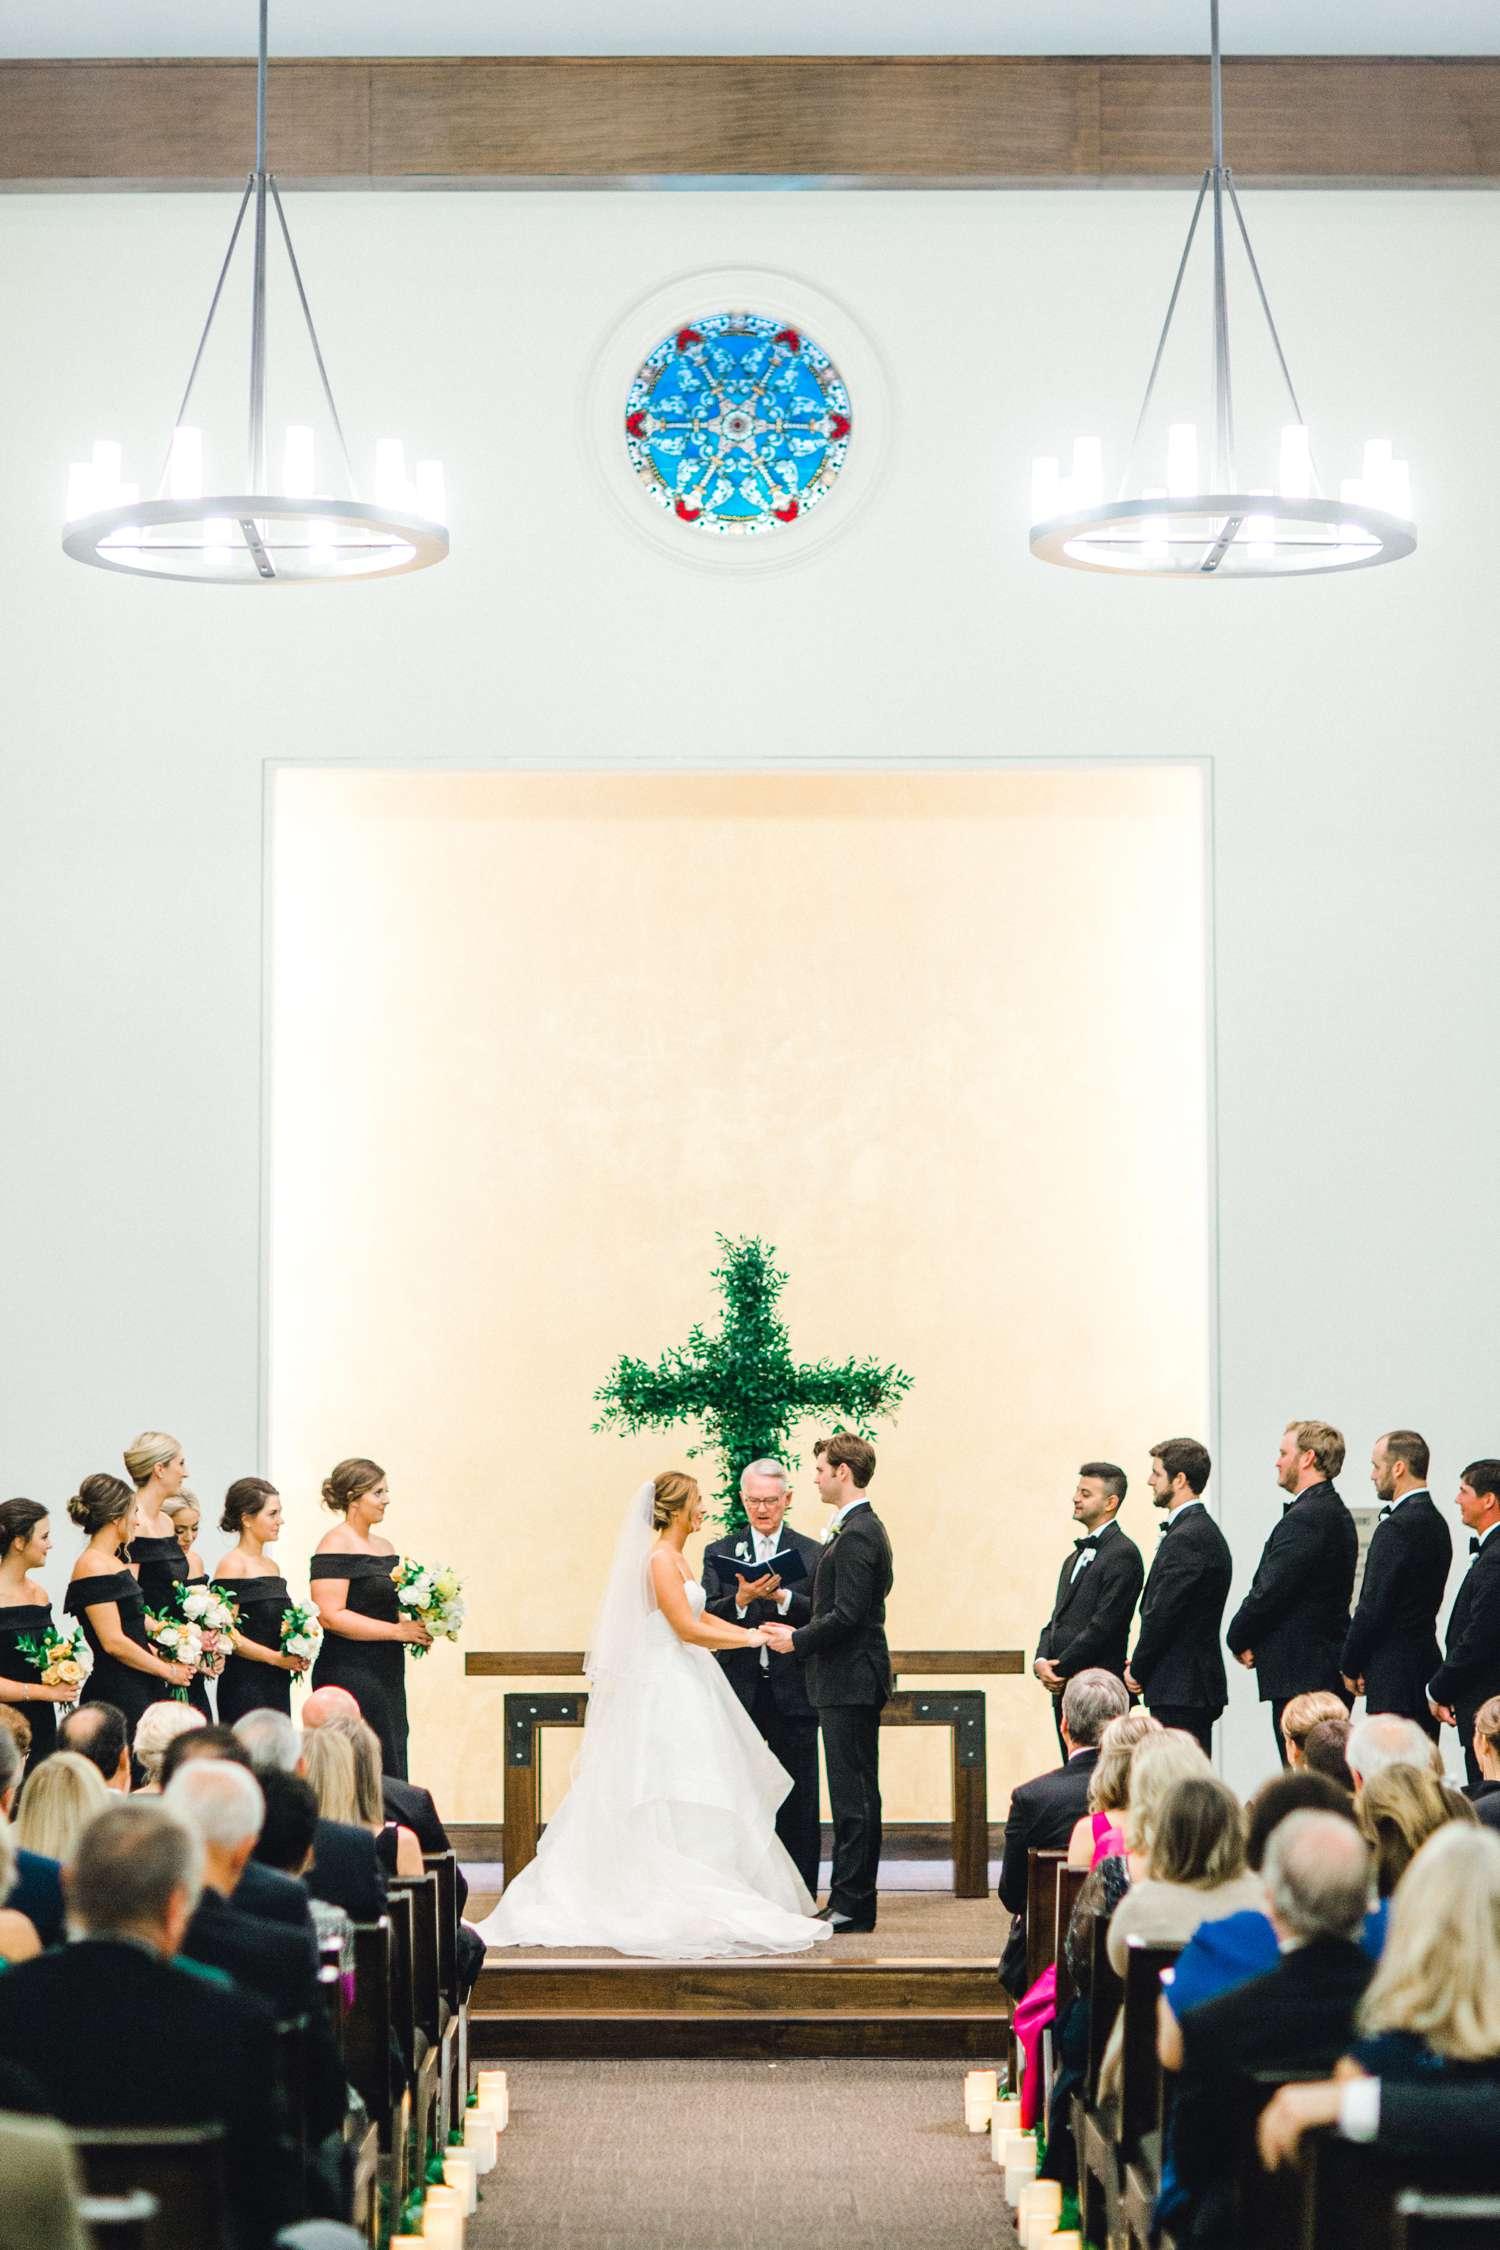 MARLEE+LLOYD+MORGAN+ALLEEJ+TEXAS+TECH+MERKET+ALUMNI+WEDDINGS+LUBBOCK+WEST+TABLE+CLASSIC+SPAIN_0175.jpg